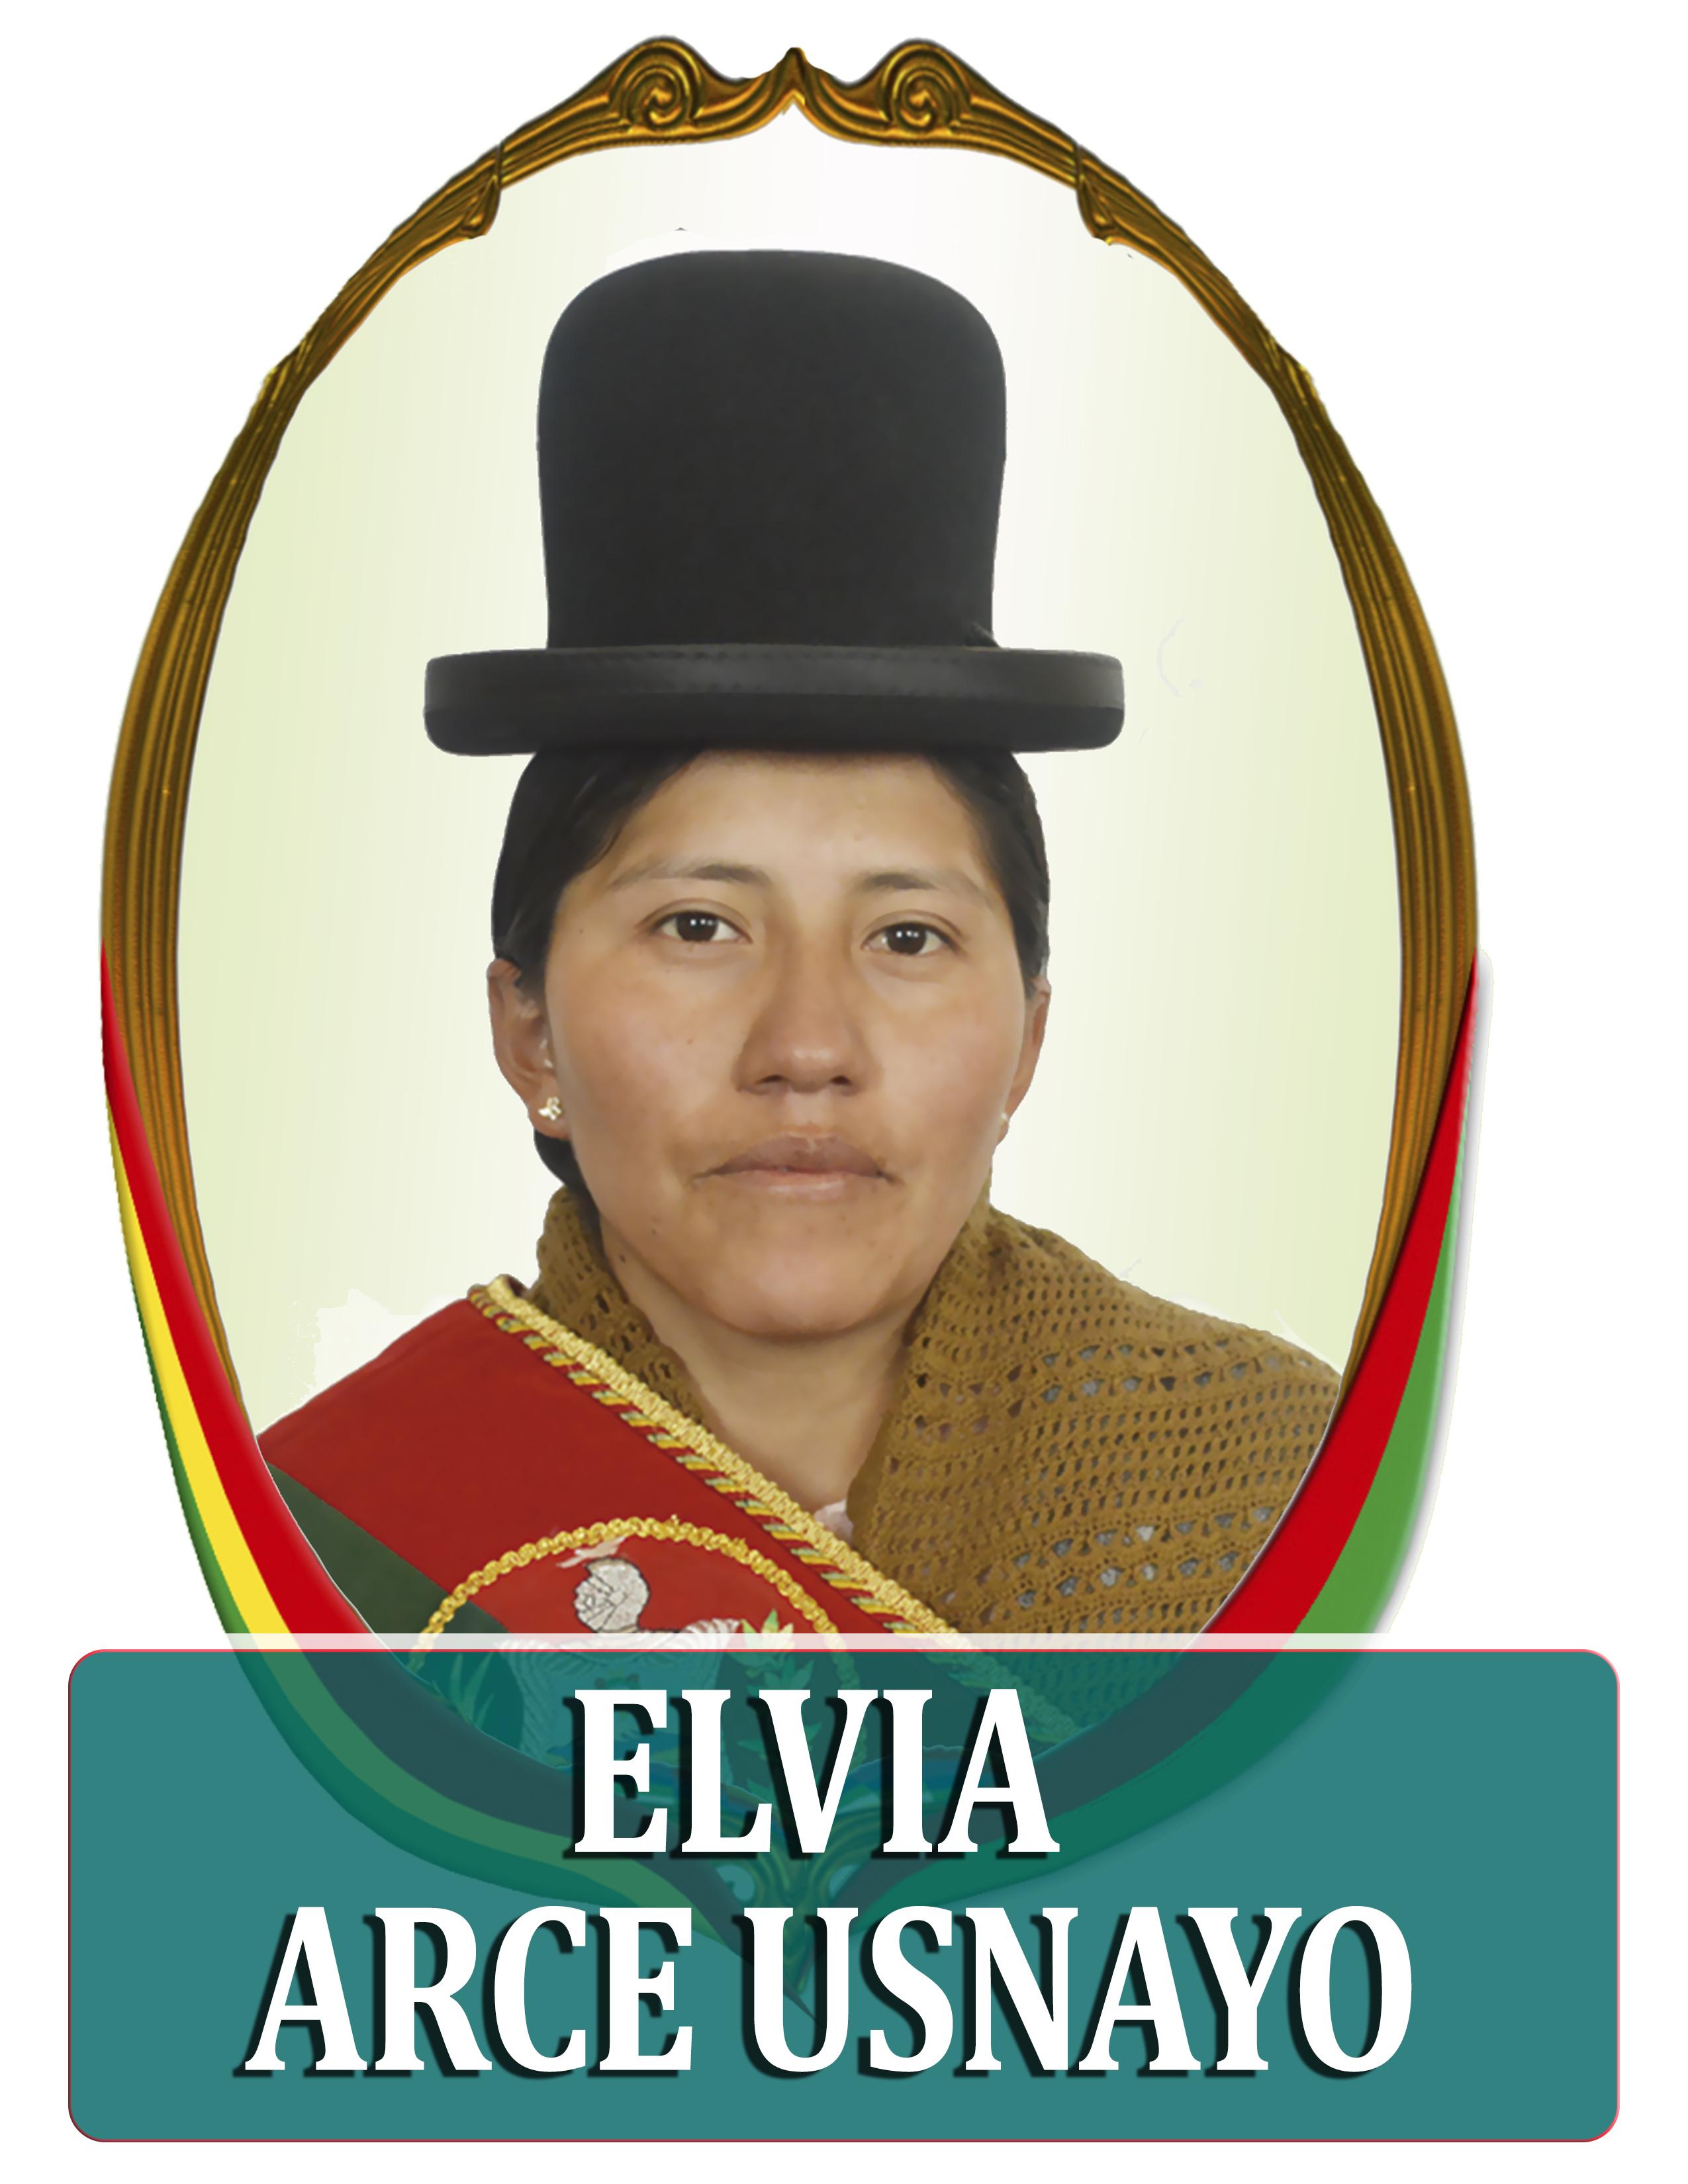 ELVIA ARCE USNAYO